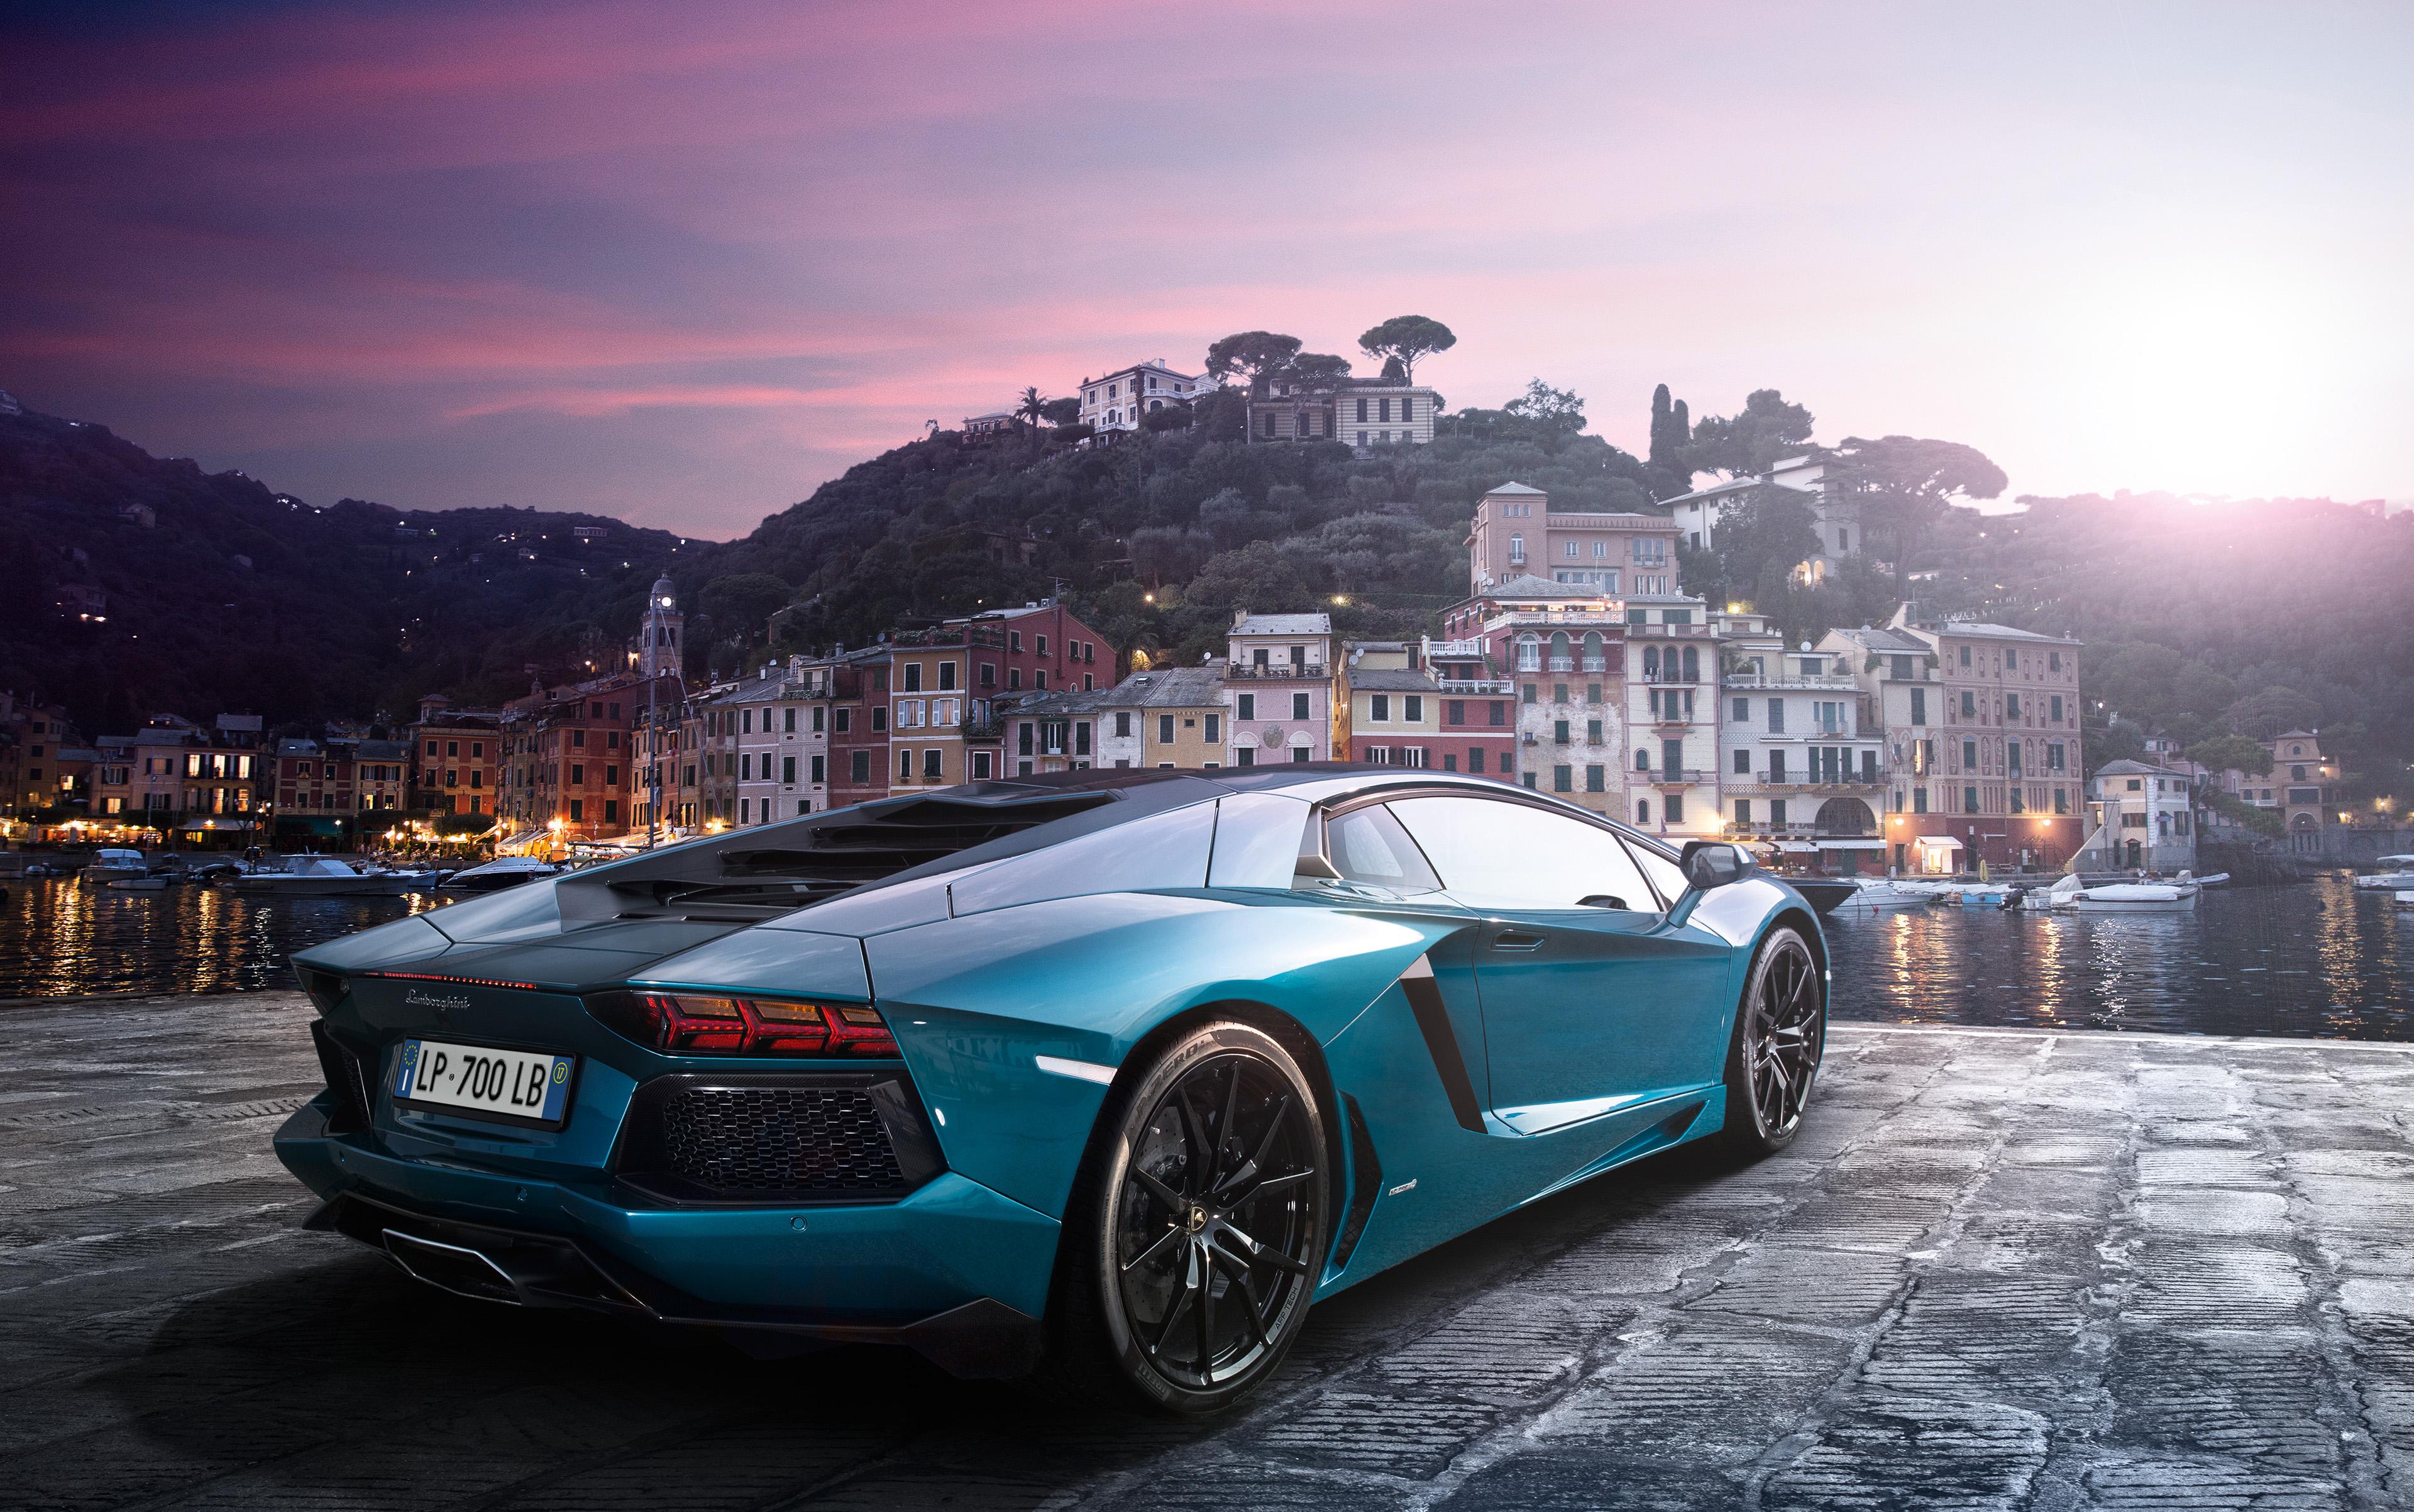 Lamborghini Aventador Green 4k Hd Cars 4k Wallpapers: Sea Green Lamborghini Aventador 4k, HD Cars, 4k Wallpapers